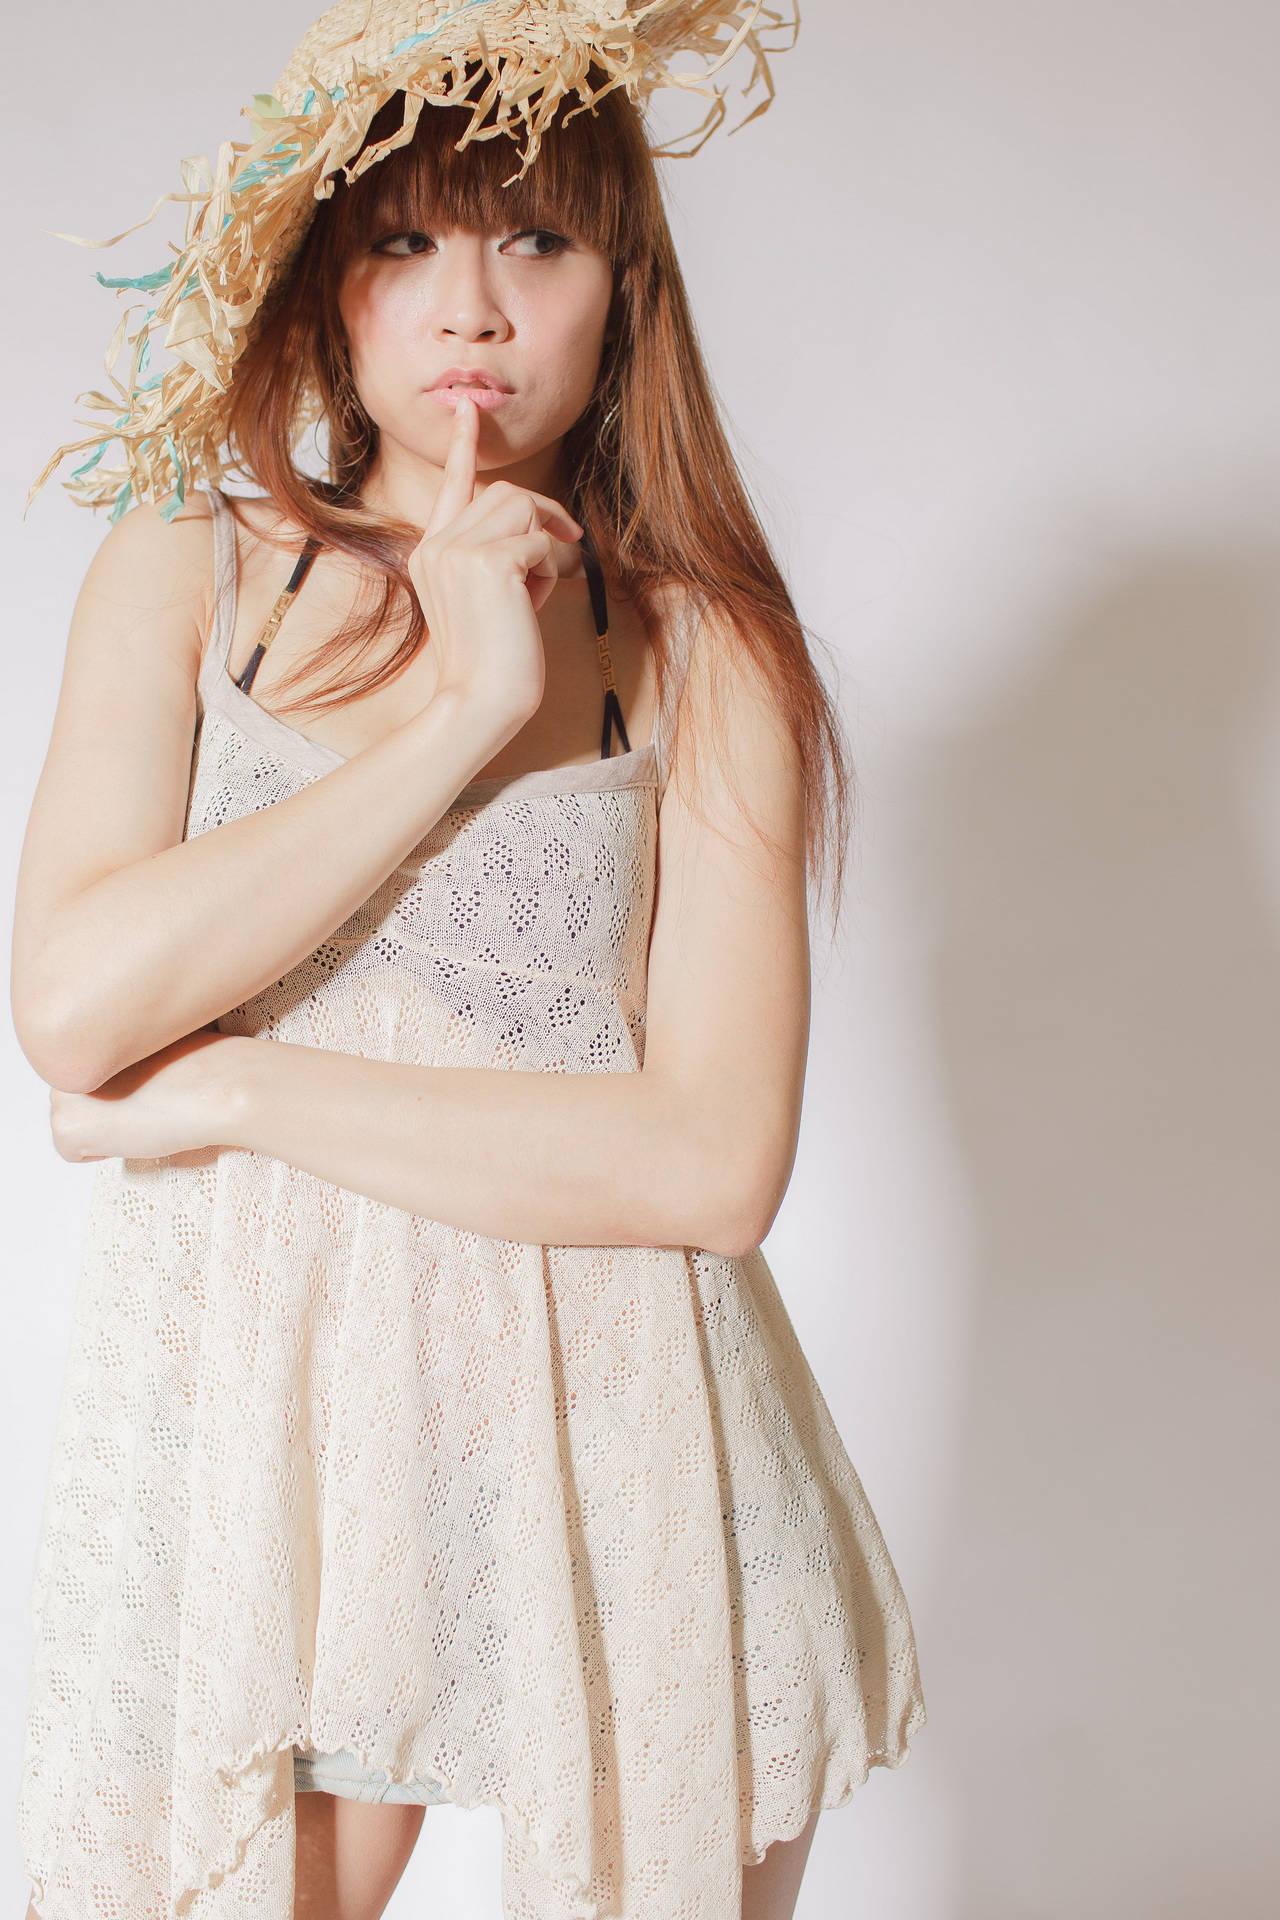 工商攝影|網拍服飾|台中商攝